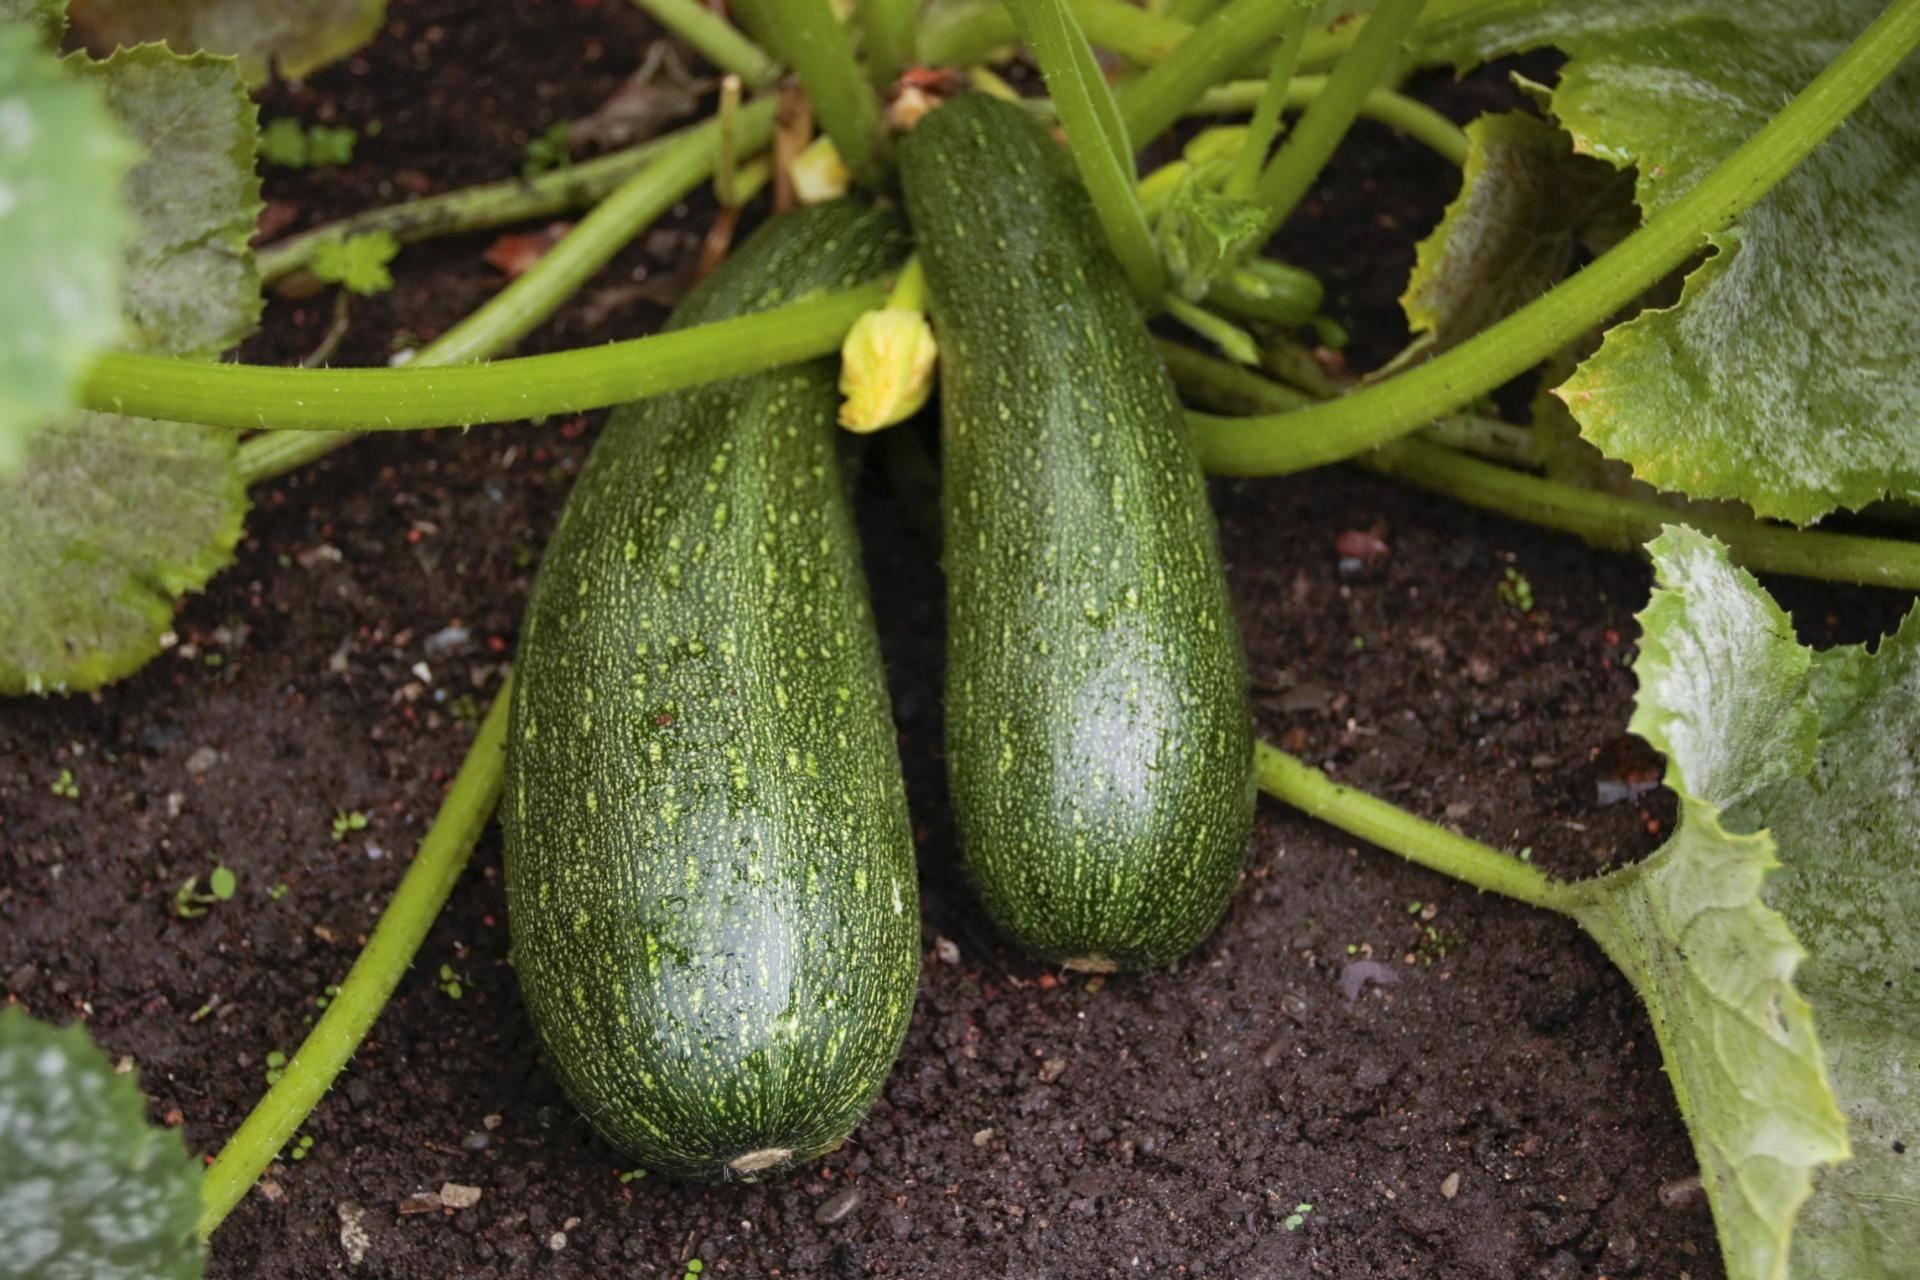 Правильное выращивание и уход за кабачками в открытом грунте, как увеличить урожай